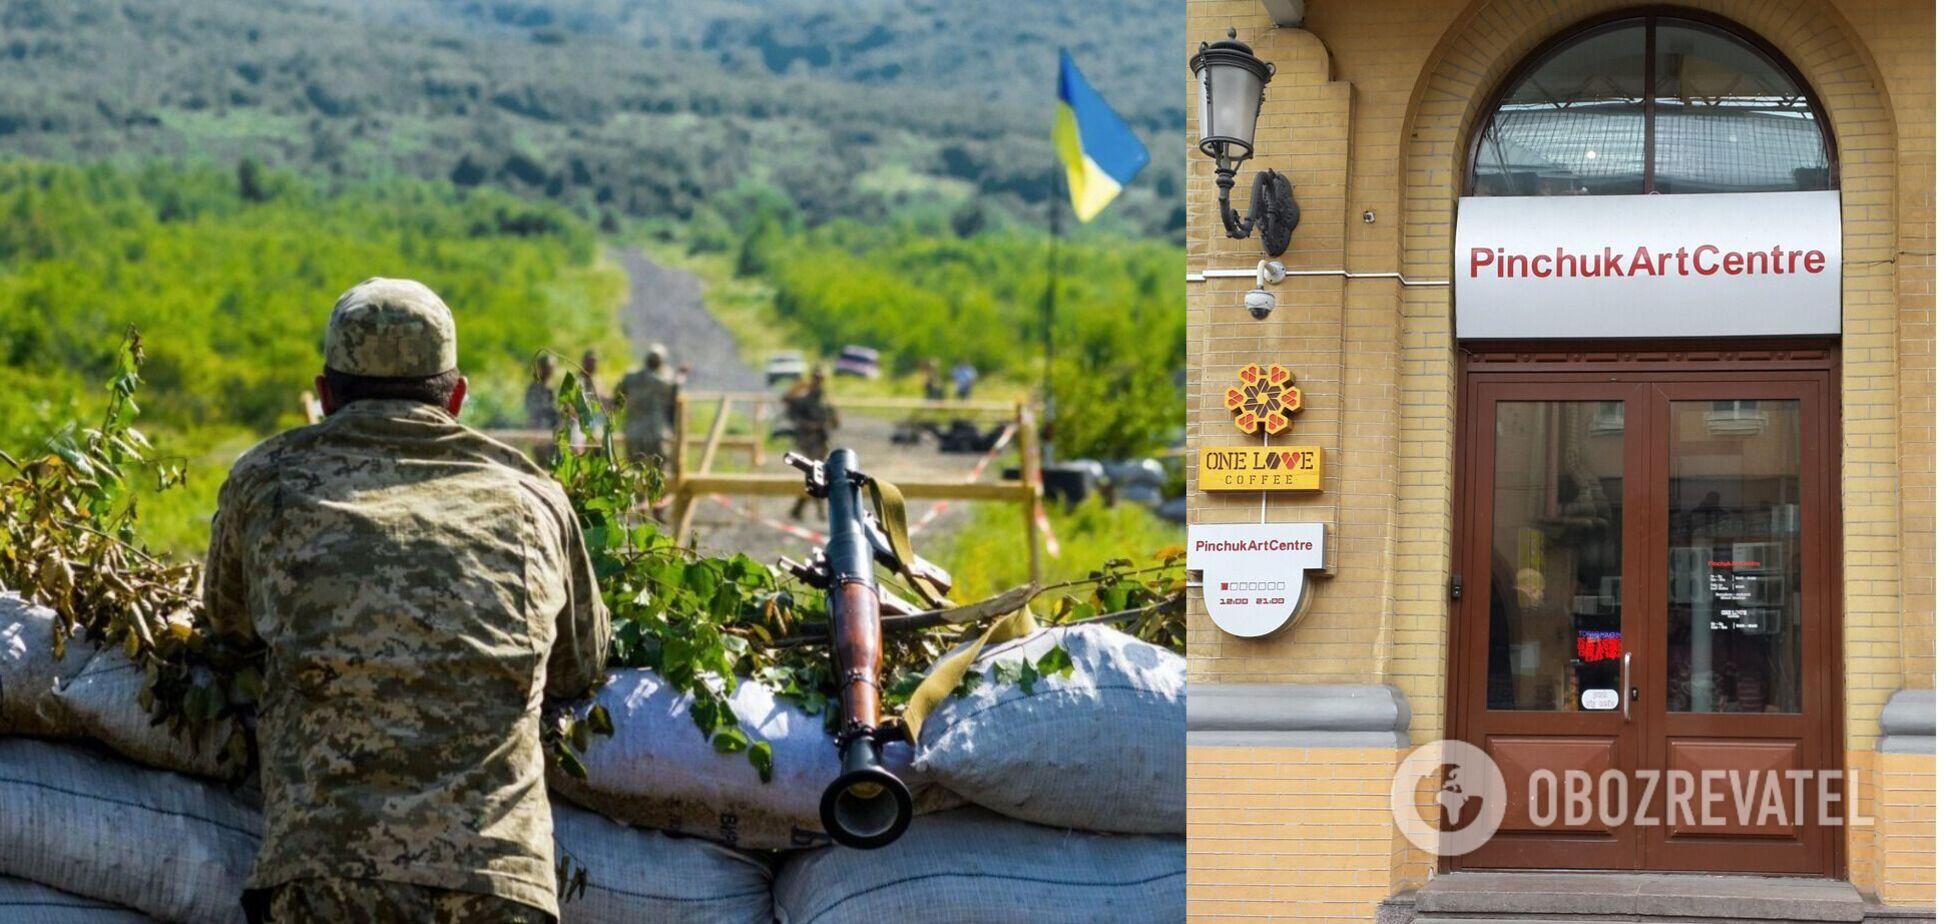 В PinchukArtCentre назвали войну на Донбассе 'гражданской', – журналист